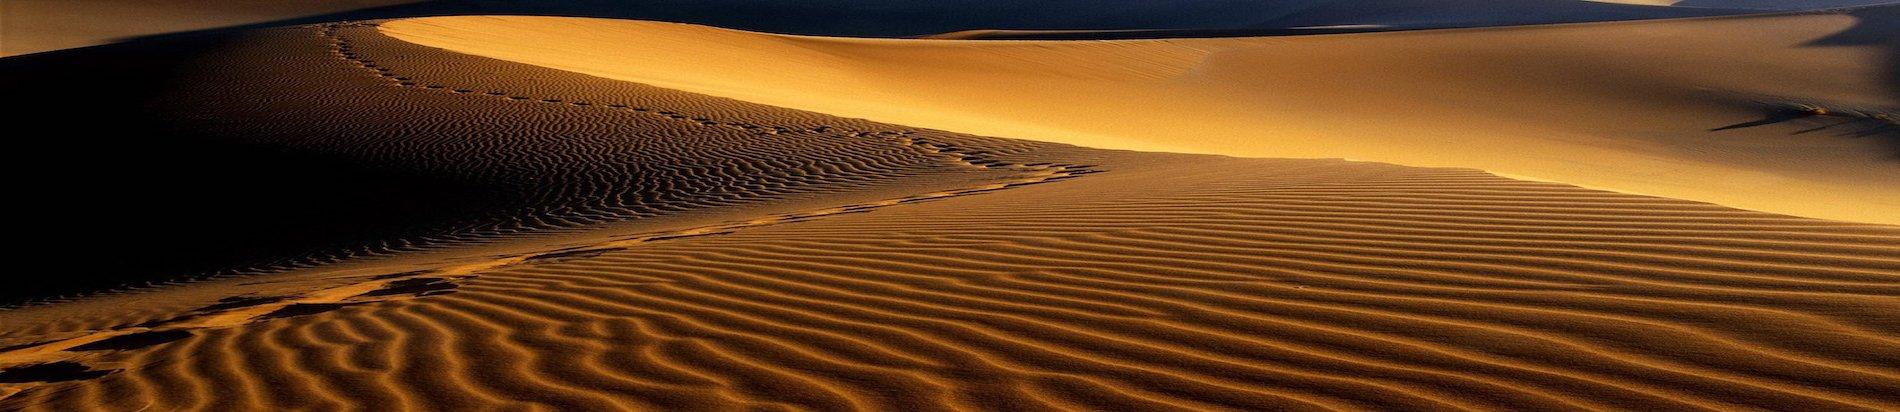 [Bild: fes-to-fes-2days-desert-tour-morocco-safari-tour.jpg]